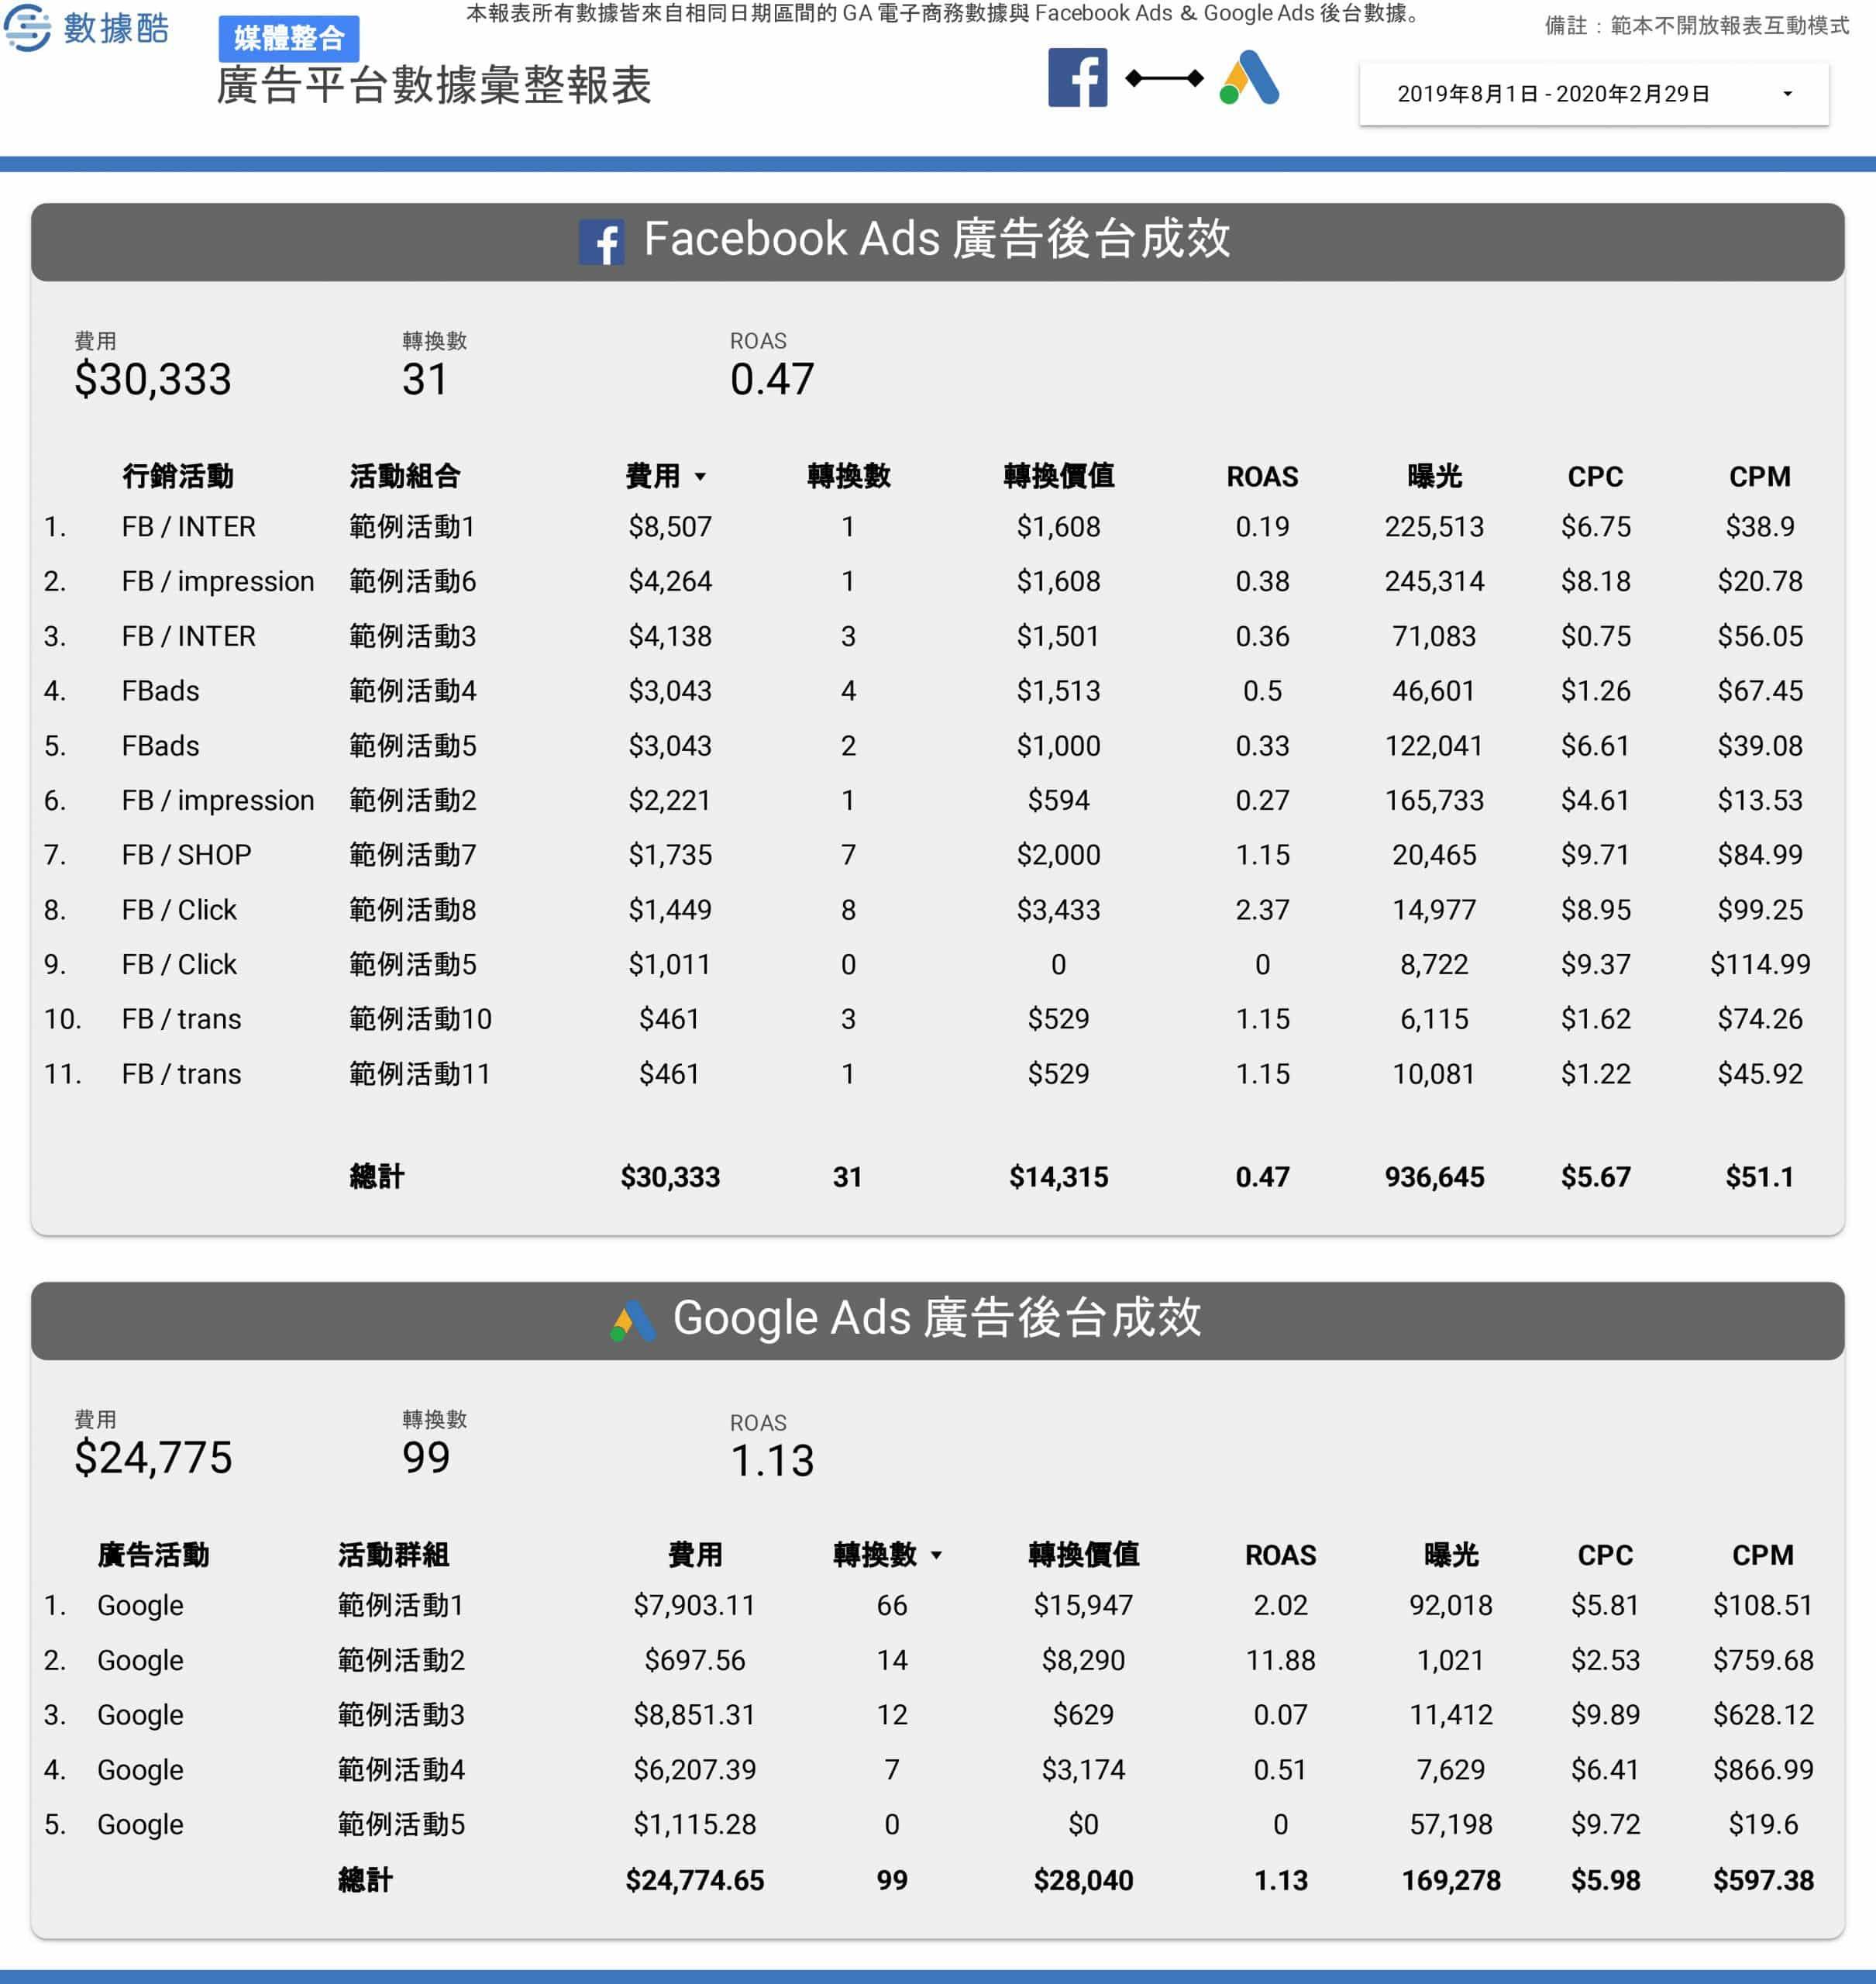 電商跨媒體整合報表範本 (1)-4